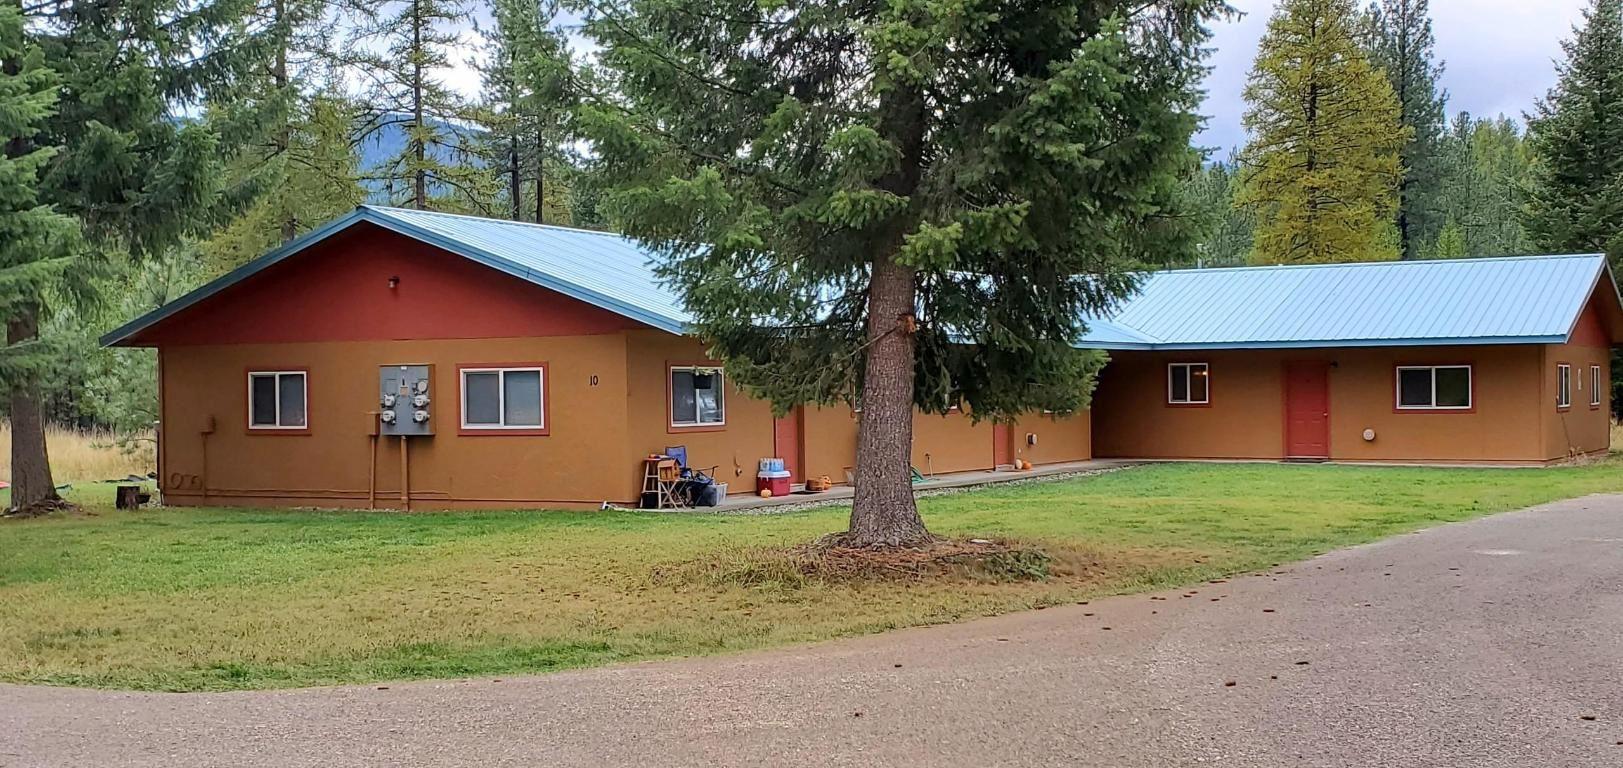 Photo of 10 Eagles Perch Lane, Trout Creek, MT 59874 (MLS # 22017140)